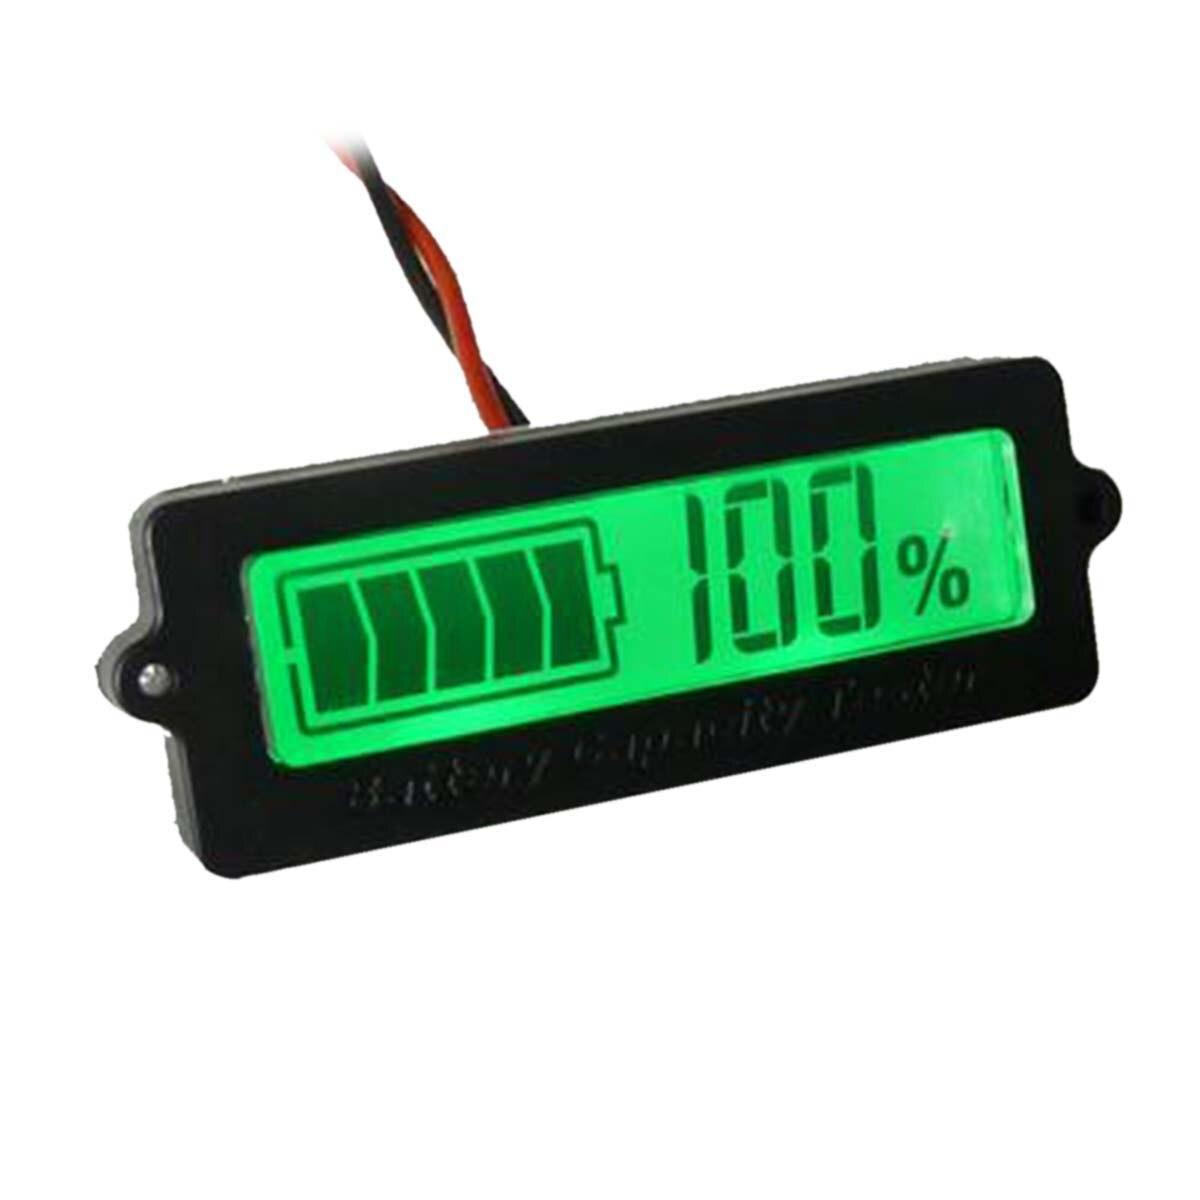 Interne 1.7 LCD Batterie Au Lithium/Plomb-acide Batterie Indicateur Affichage Panneau Vert Lumière Capacité Résiduelle Module D'affichage